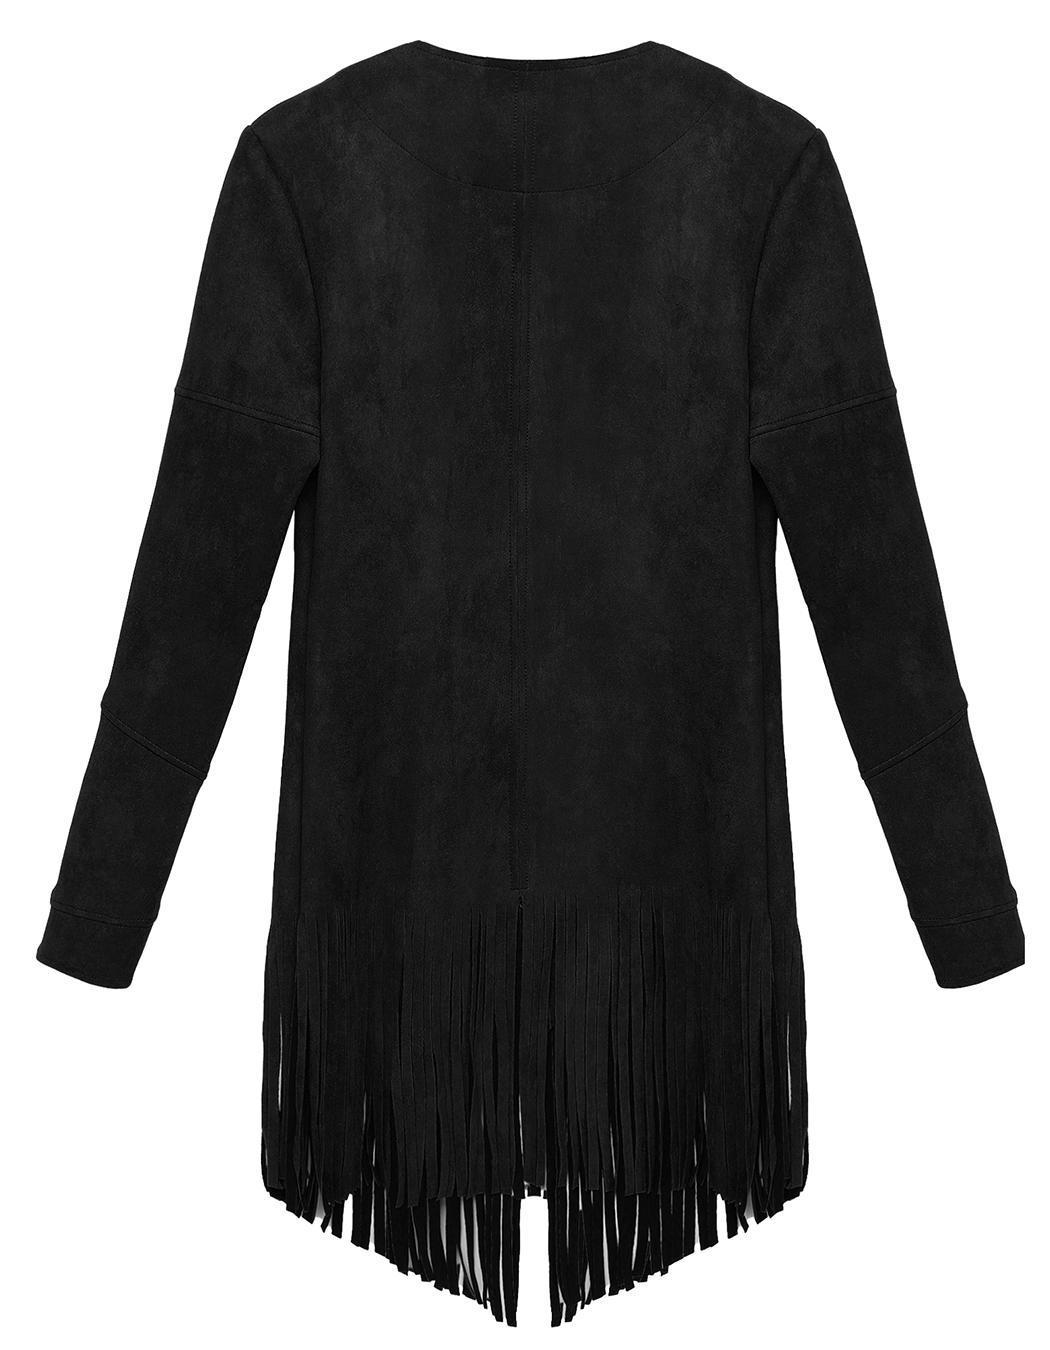 Women Casual Cardigan Long Sleeve Solid Tassel Long Coat 0